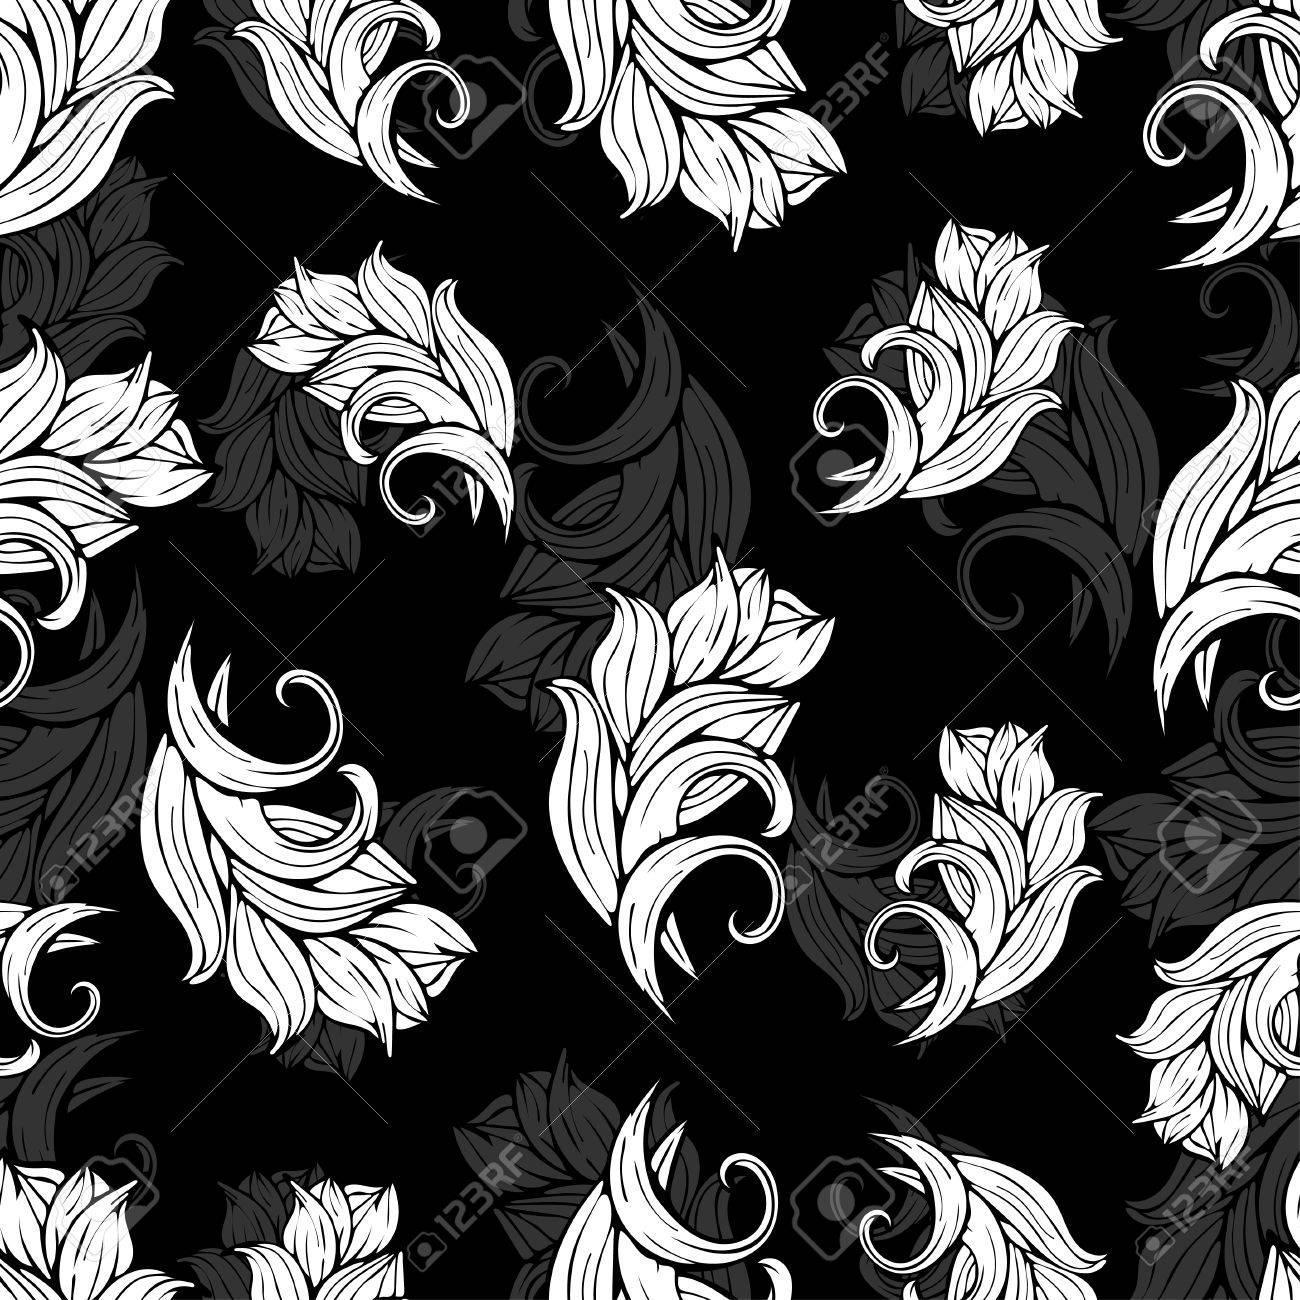 Teste Padrão Sem Emenda Abstrato Das Flores E Das Plantas Fundo Preto E Branco Monocromático Ornamento Estilizado Natural Mão De Desenho Para